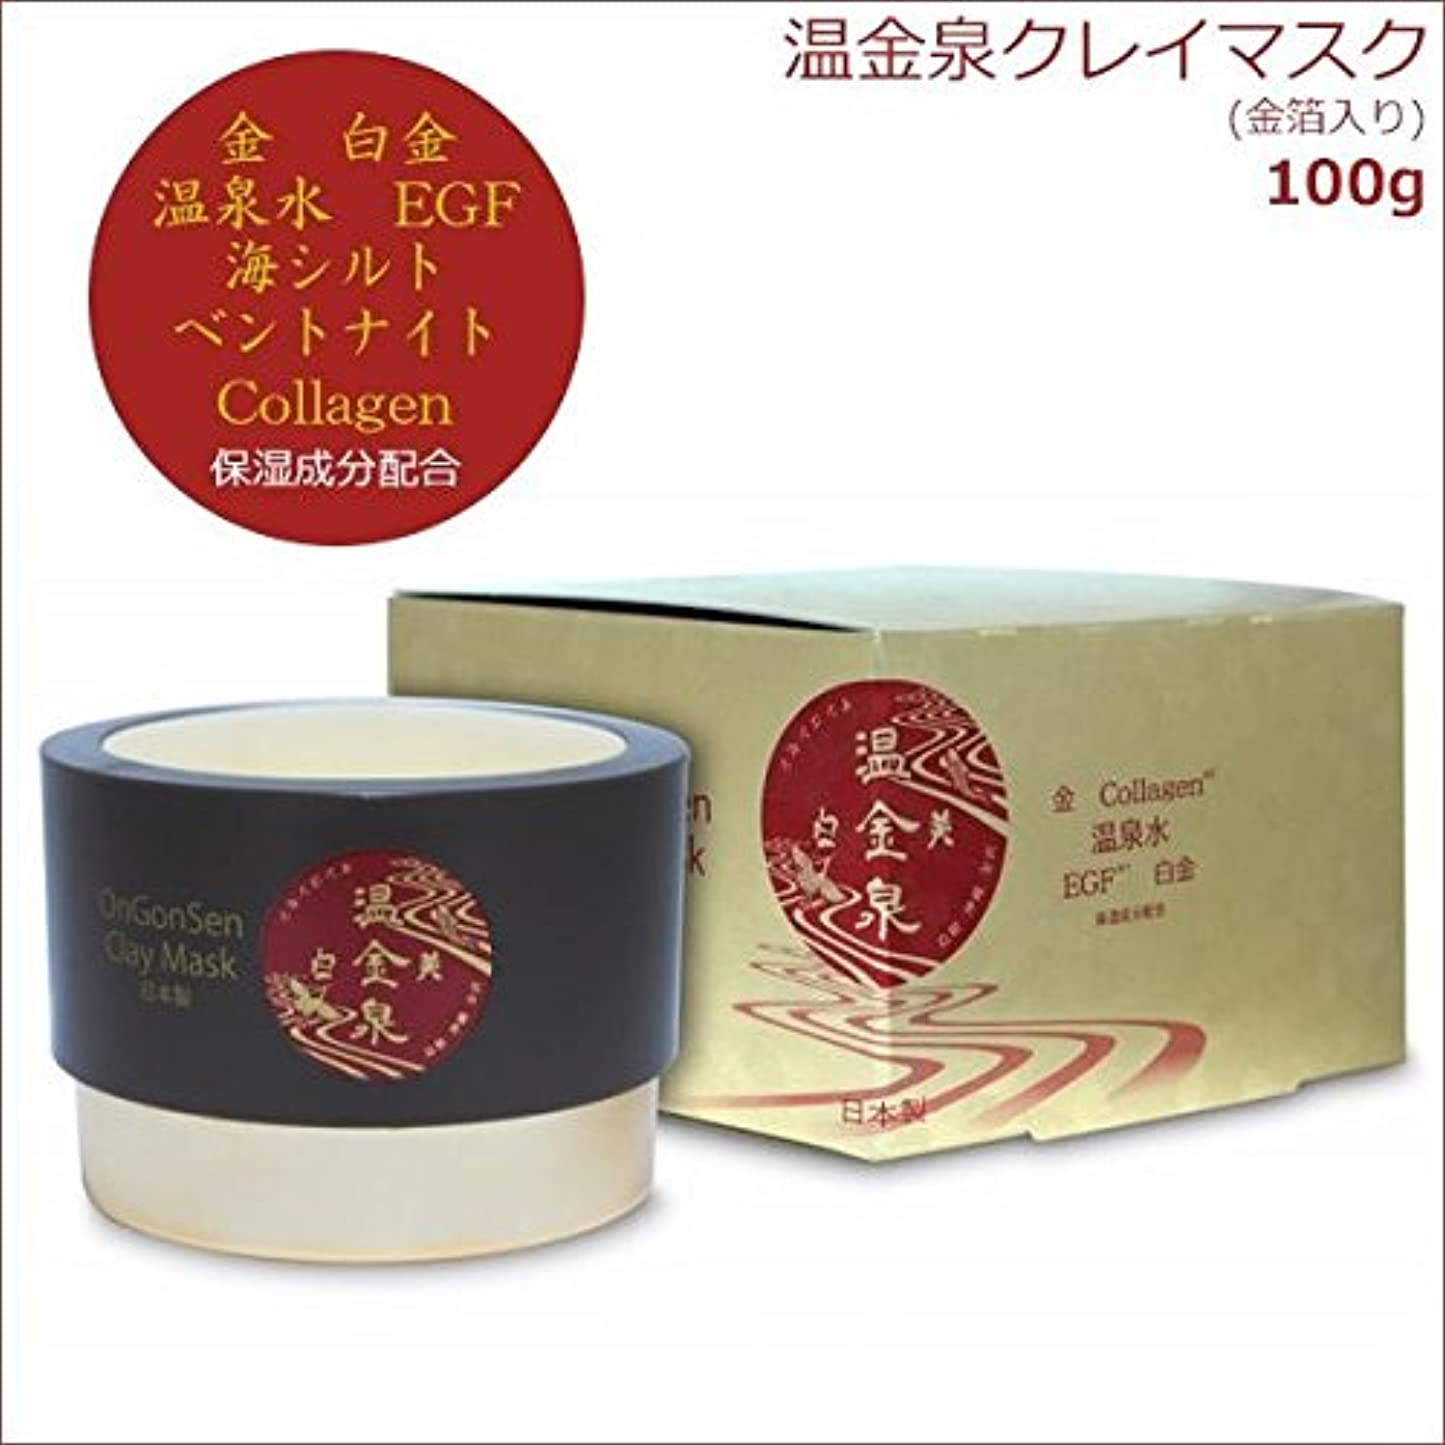 おとうさんプログラム出力日本製 HiROSOPHY ヒロソフィー 温金泉(オンゴンセン)クレイマスク 金箔入り 100g